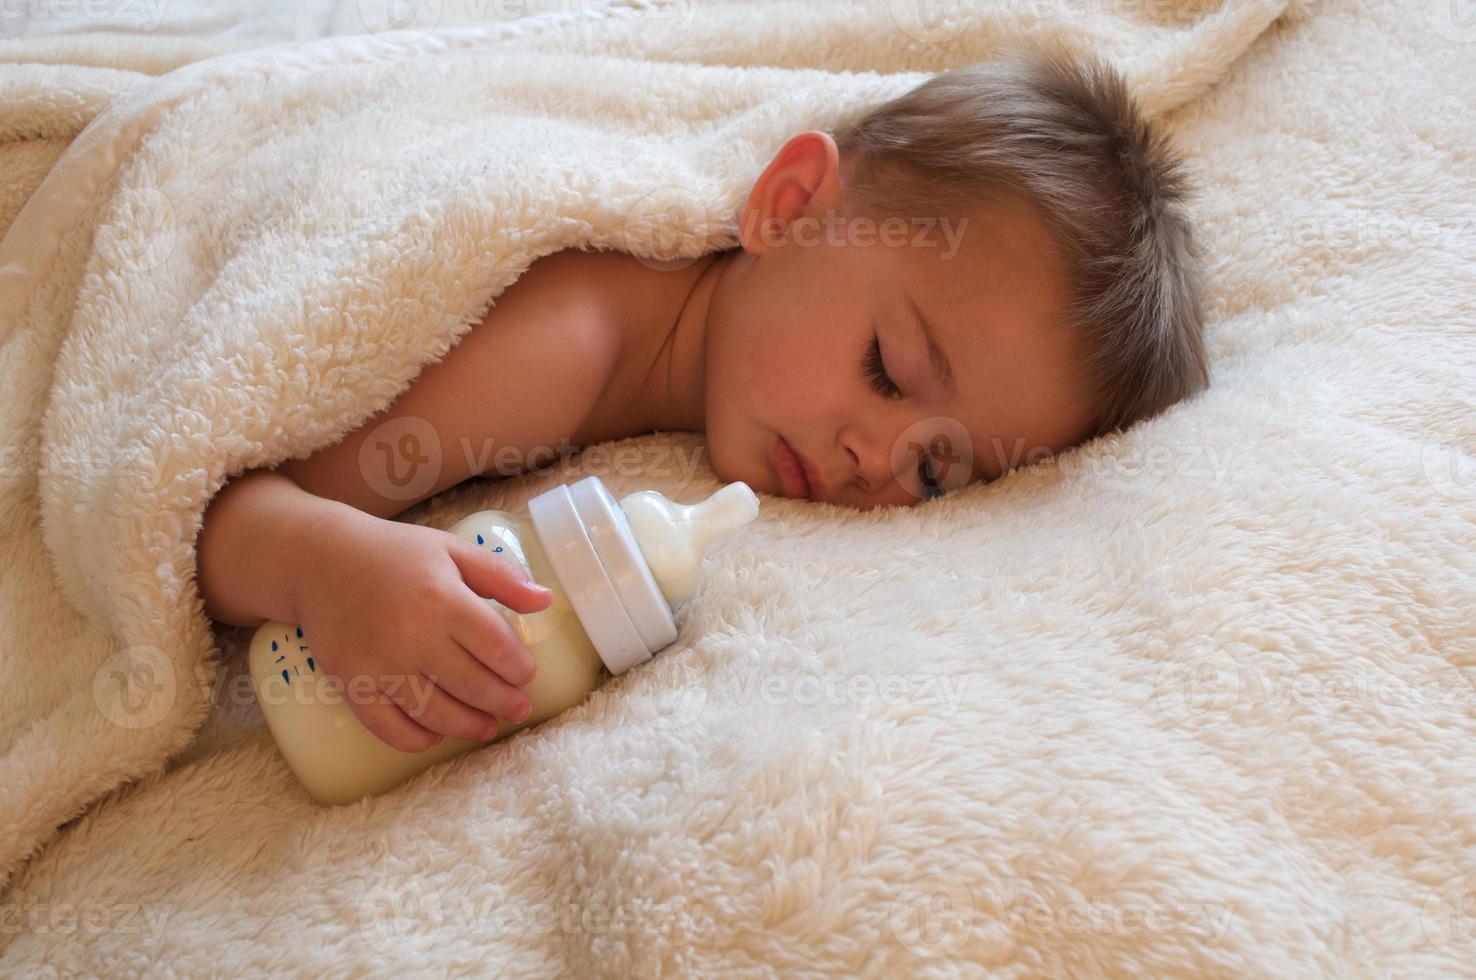 bebê dormindo com mamadeira foto